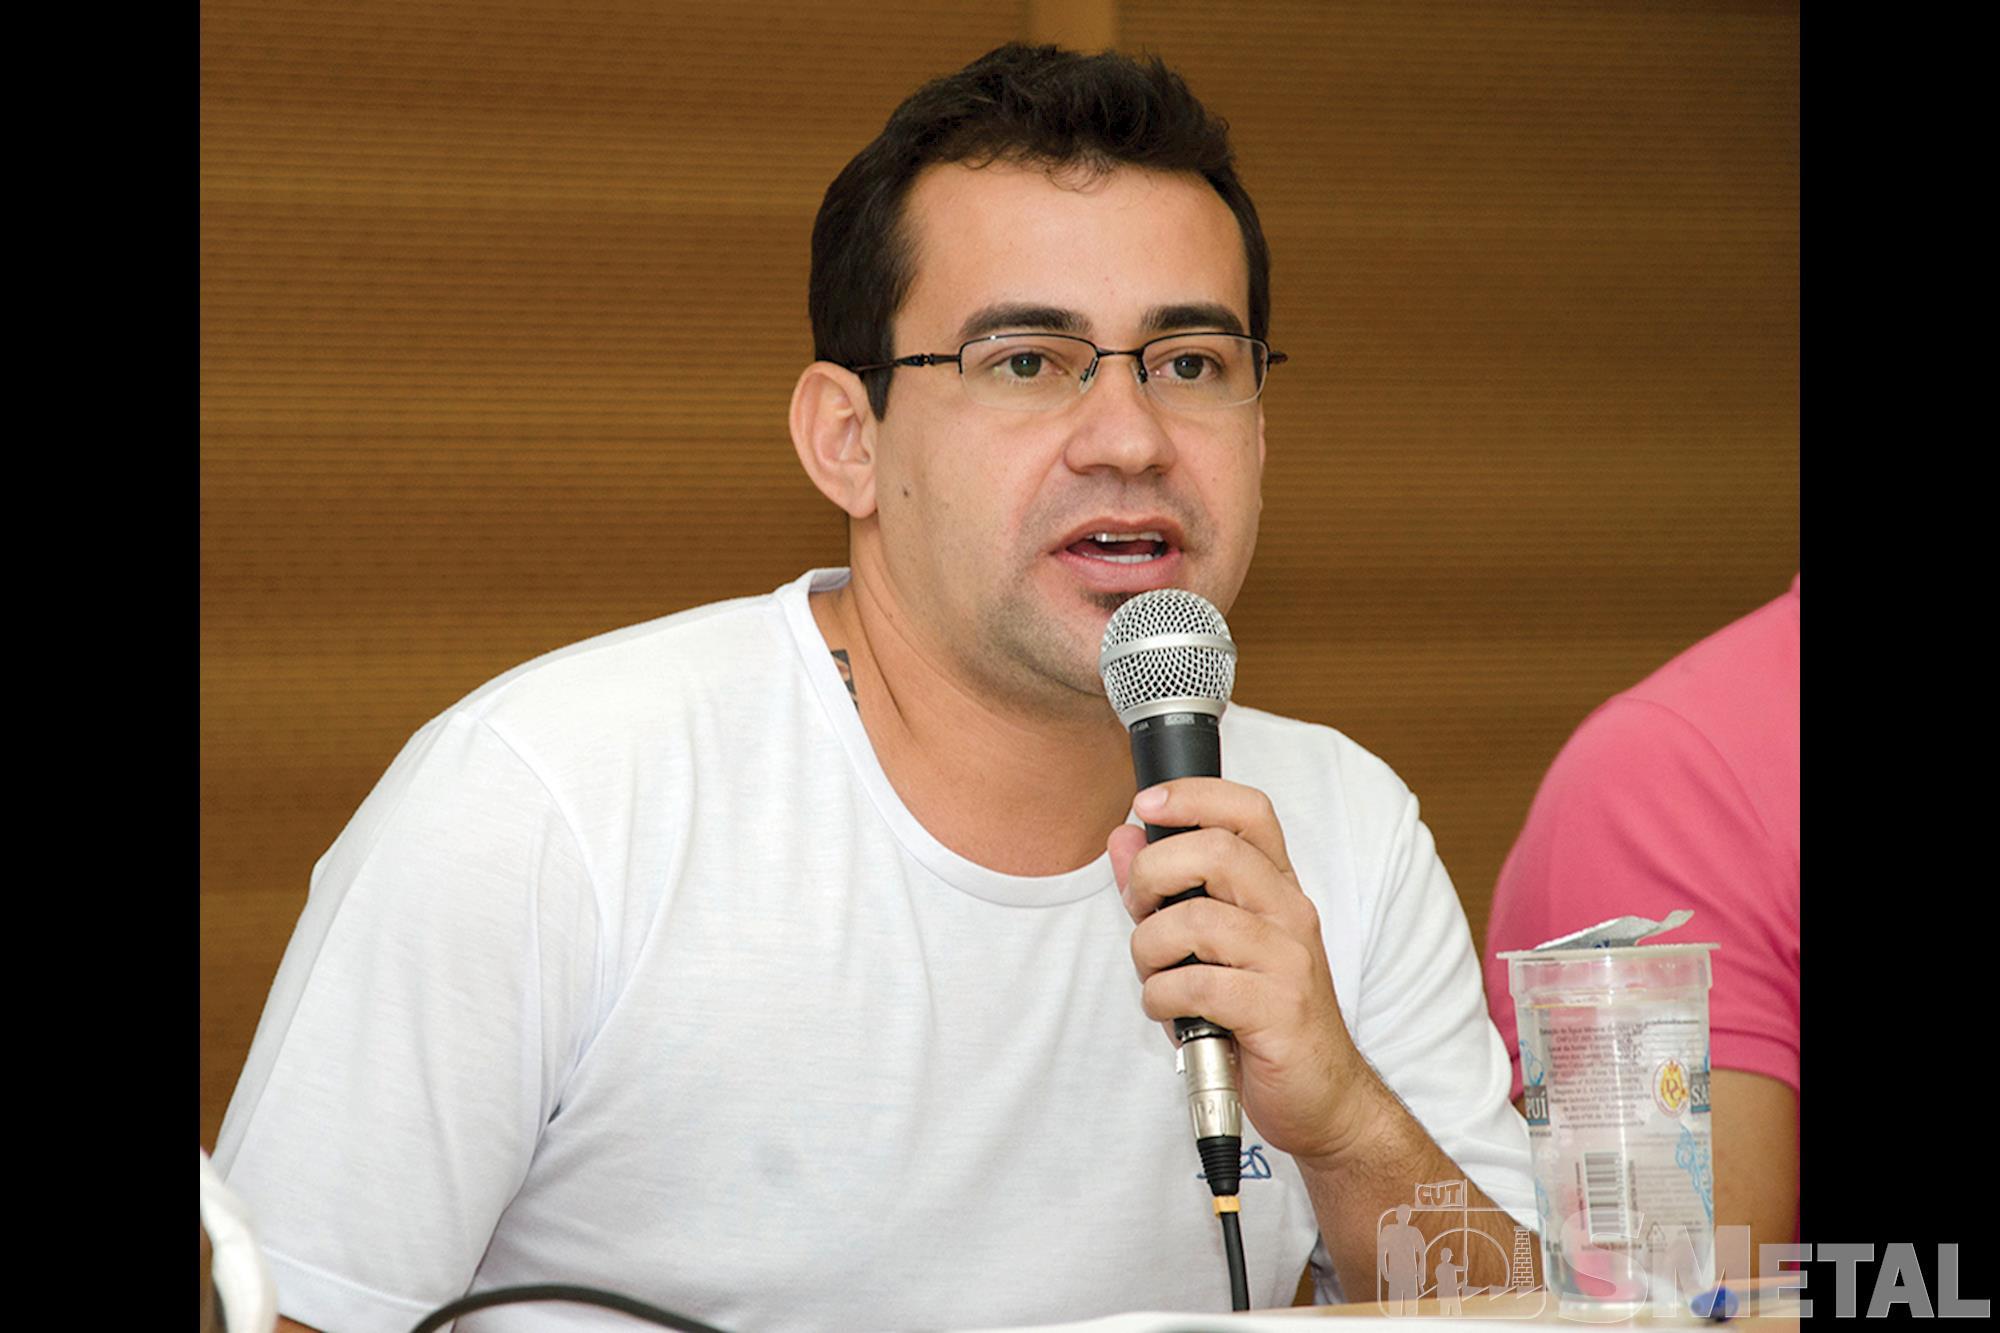 """Sílvio Ferreira Da Silva: """"O trabalhador tem todo o direito de satisfazer suas necessidades de lazer e consumo. O que se recomenda é consumir de forma, Economia doméstica em tempos de crise"""